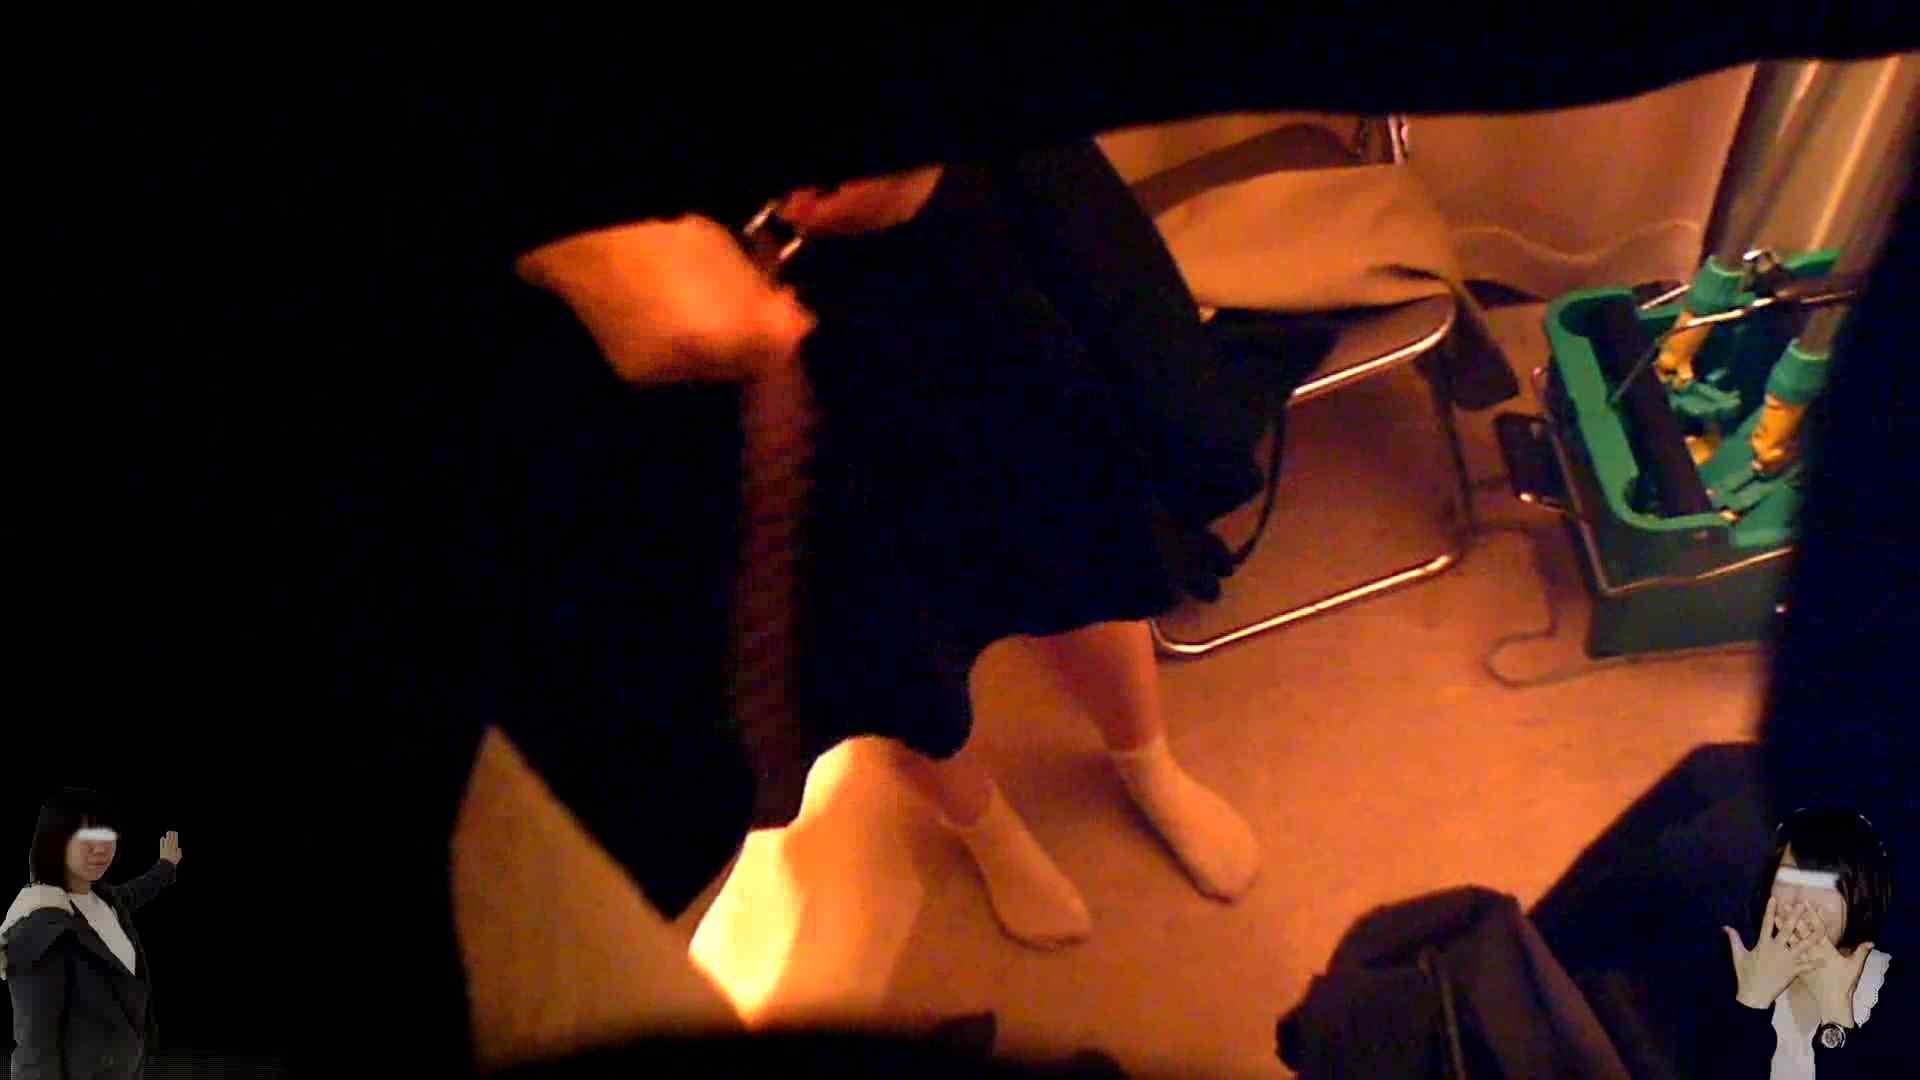 素人投稿 現役「JD」Eちゃんの着替え Vol.04 素人丸裸 おまんこ無修正動画無料 107pic 78